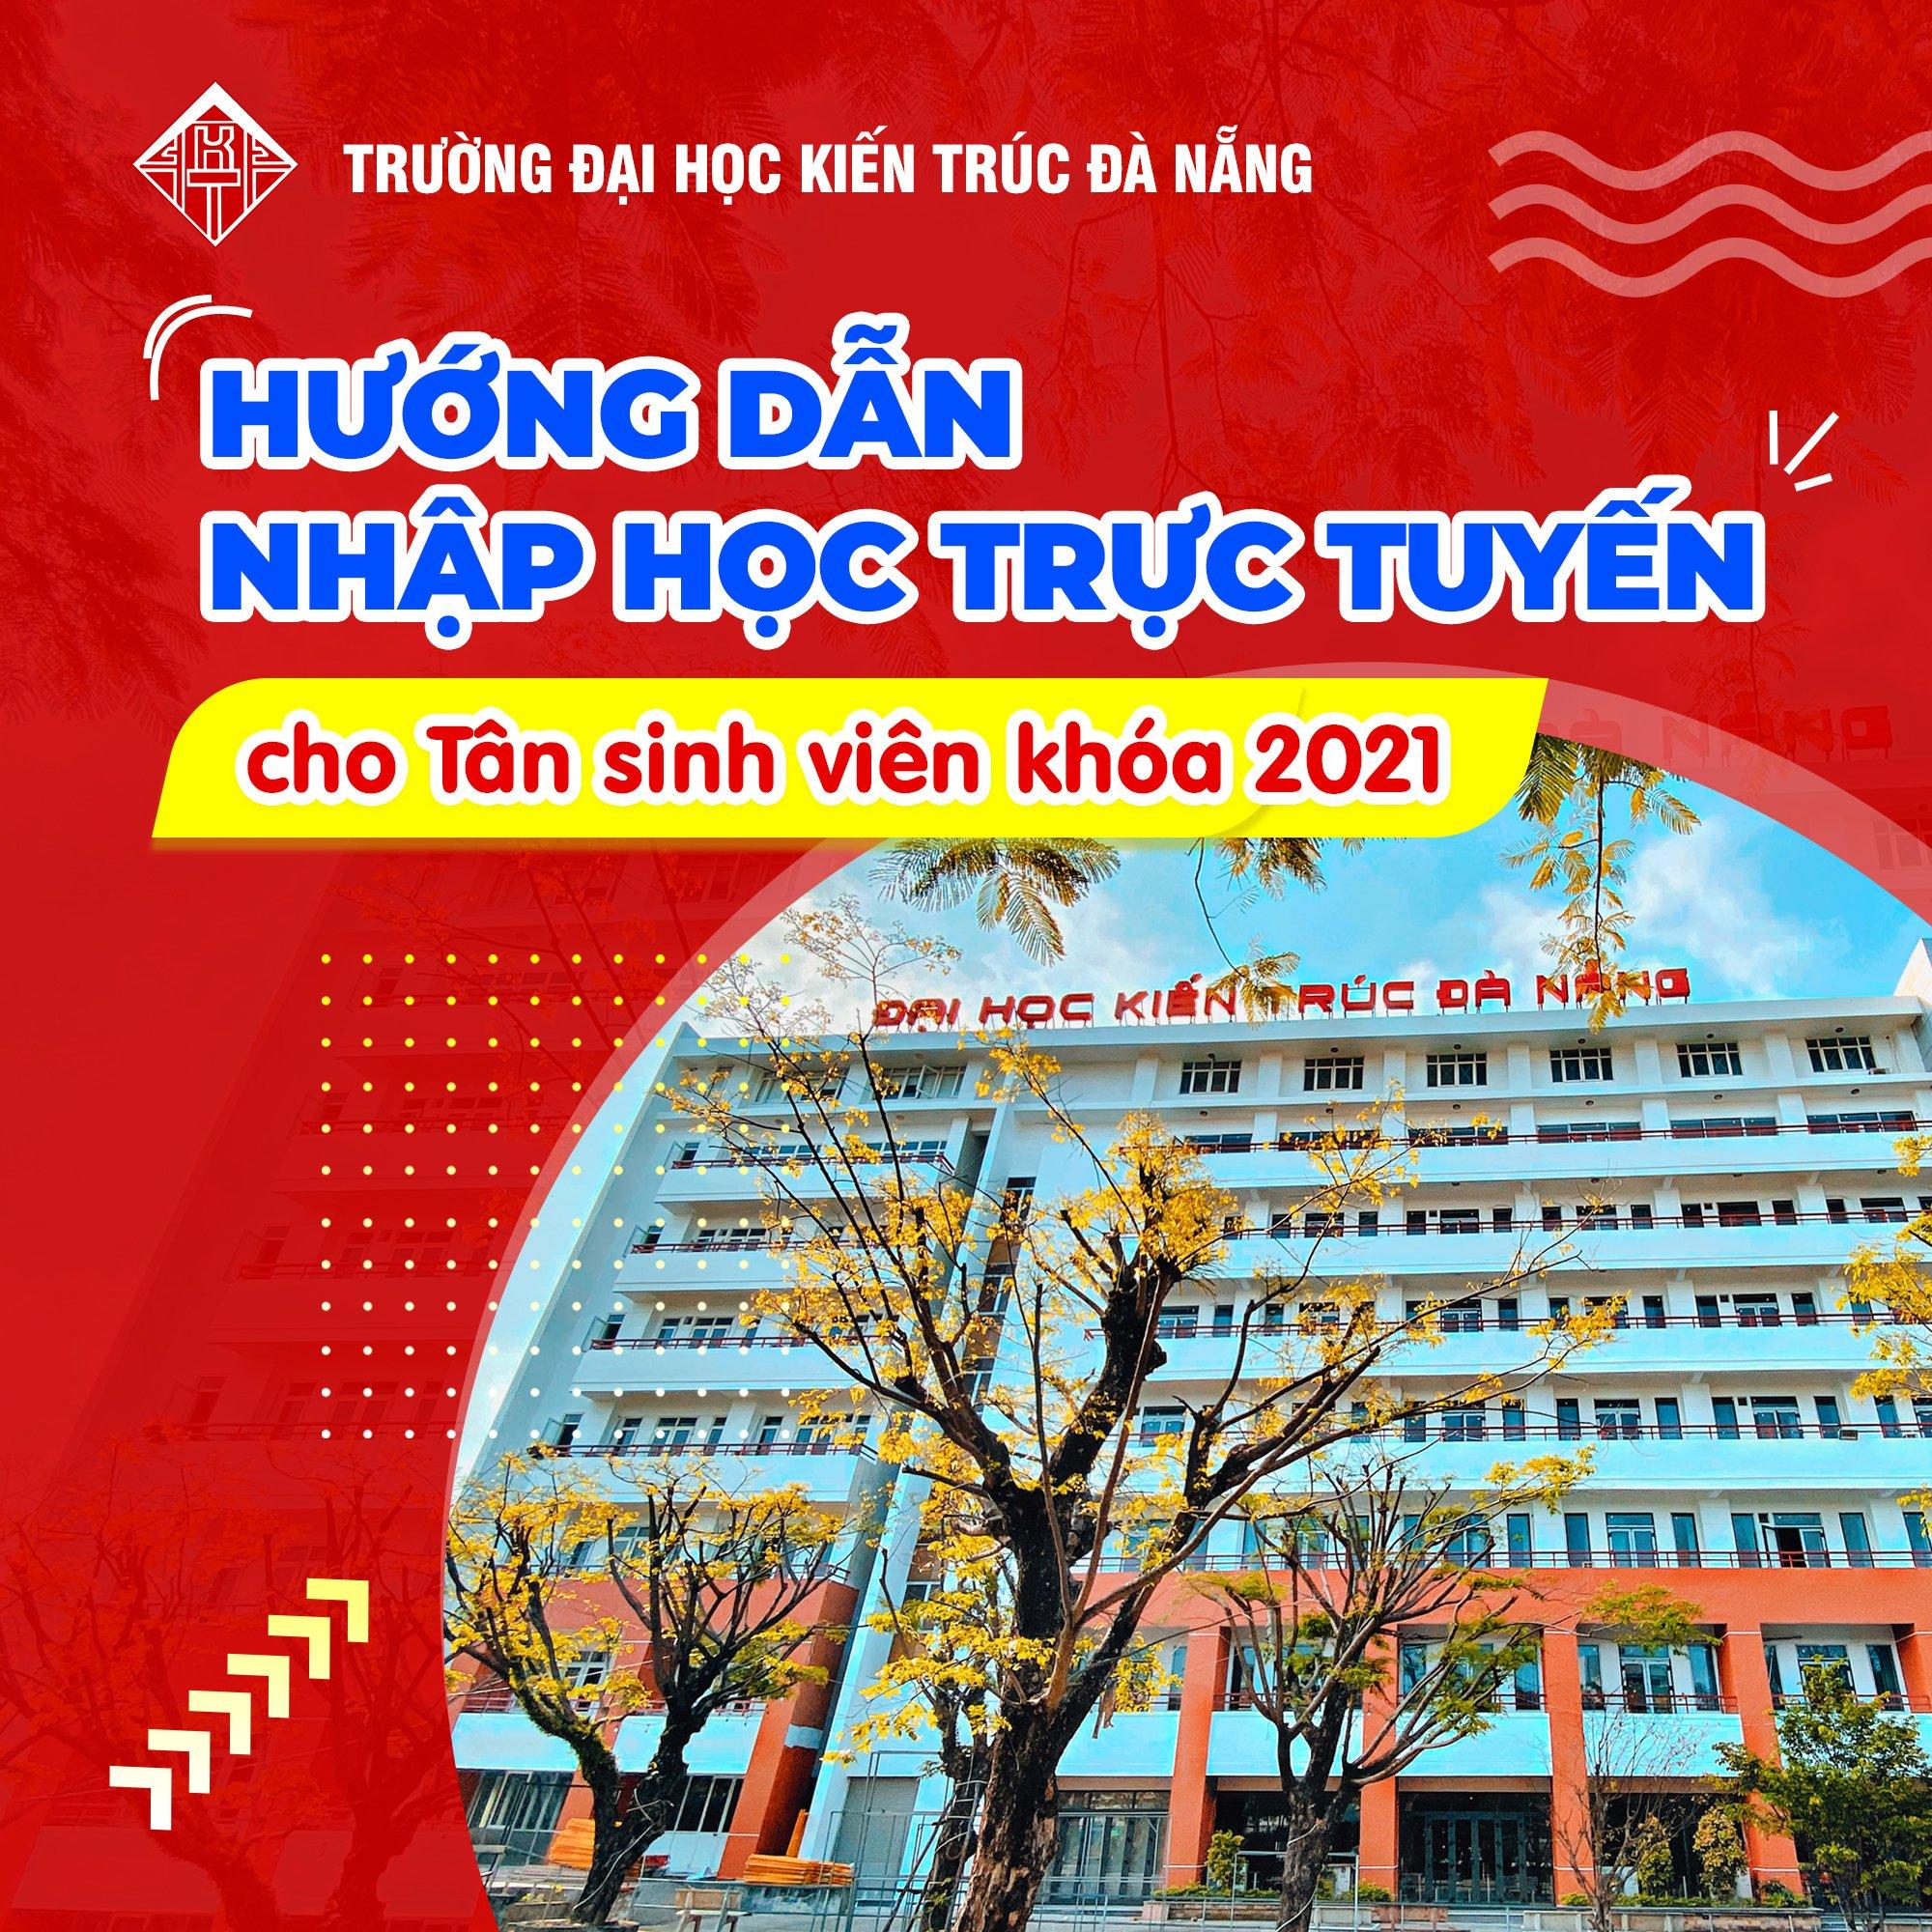 Hướng dẫn quy trình nhập học trực tuyến cho tân sinh viên khóa 2021, Trường Đại học Kiến trúc Đà Nẵng